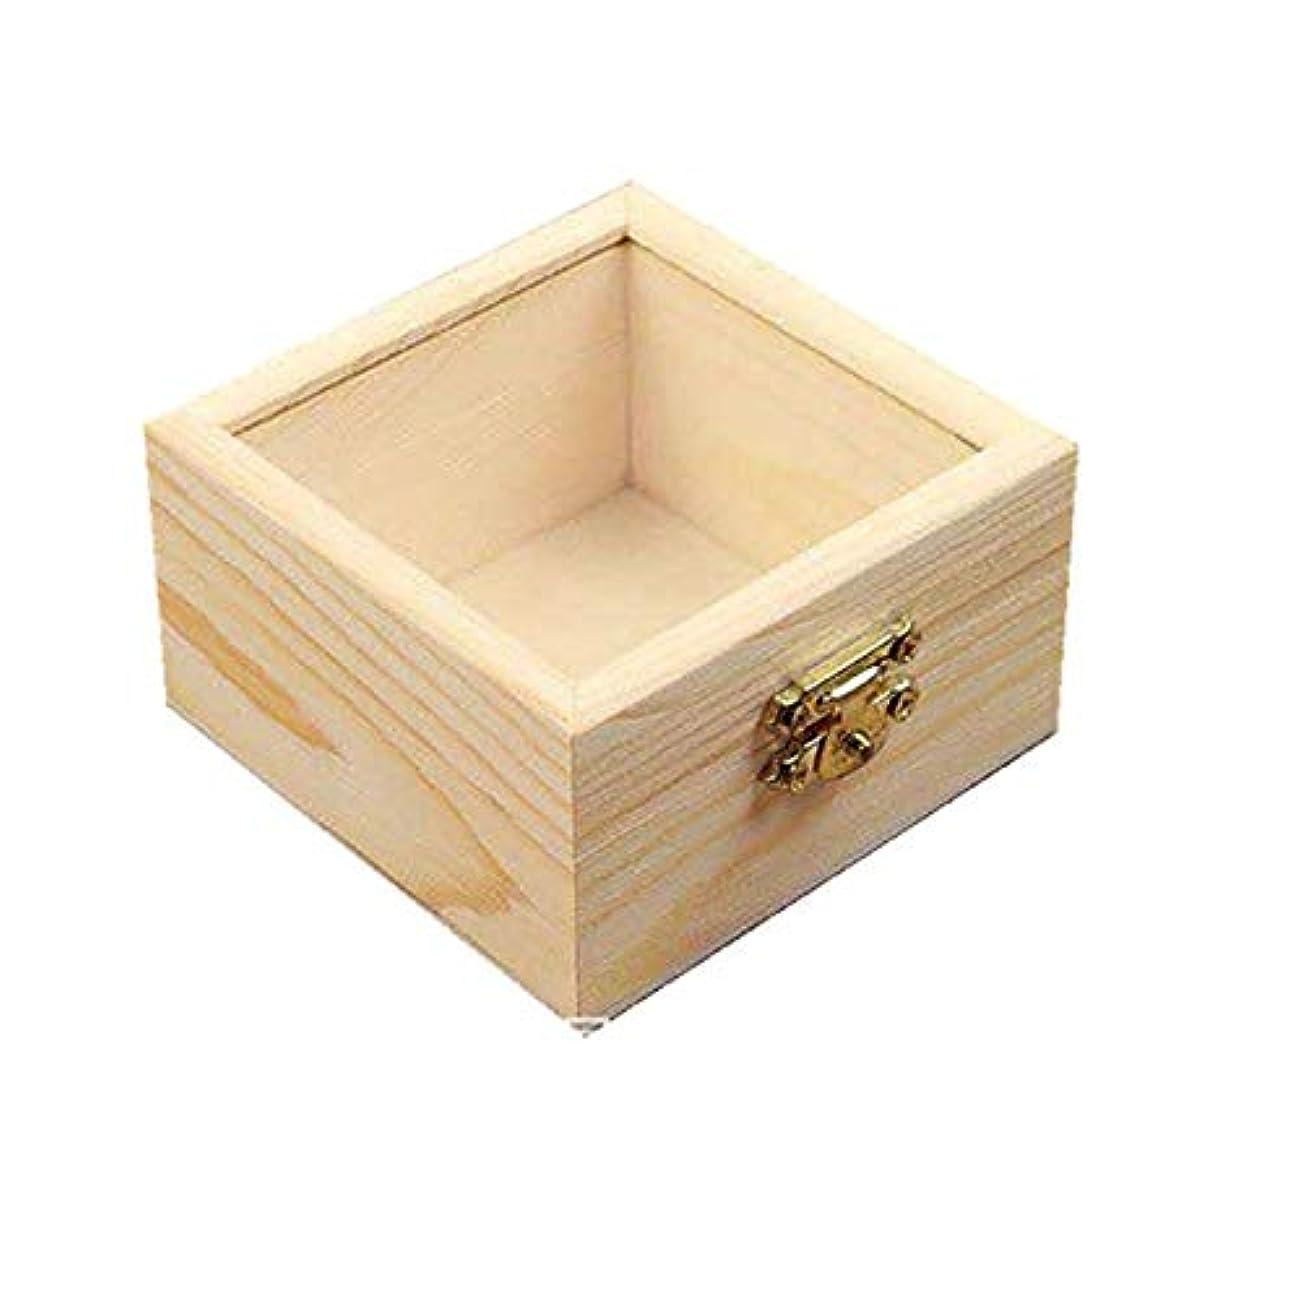 高度な筋肉のローマ人エッセンシャルオイルストレージボックス 木製のエッセンシャルオイルは、プレゼンテーションのために完璧なエッセンシャルオイルケースはBox 旅行およびプレゼンテーション用 (色 : Natural, サイズ : 8.5X8.5X5CM)